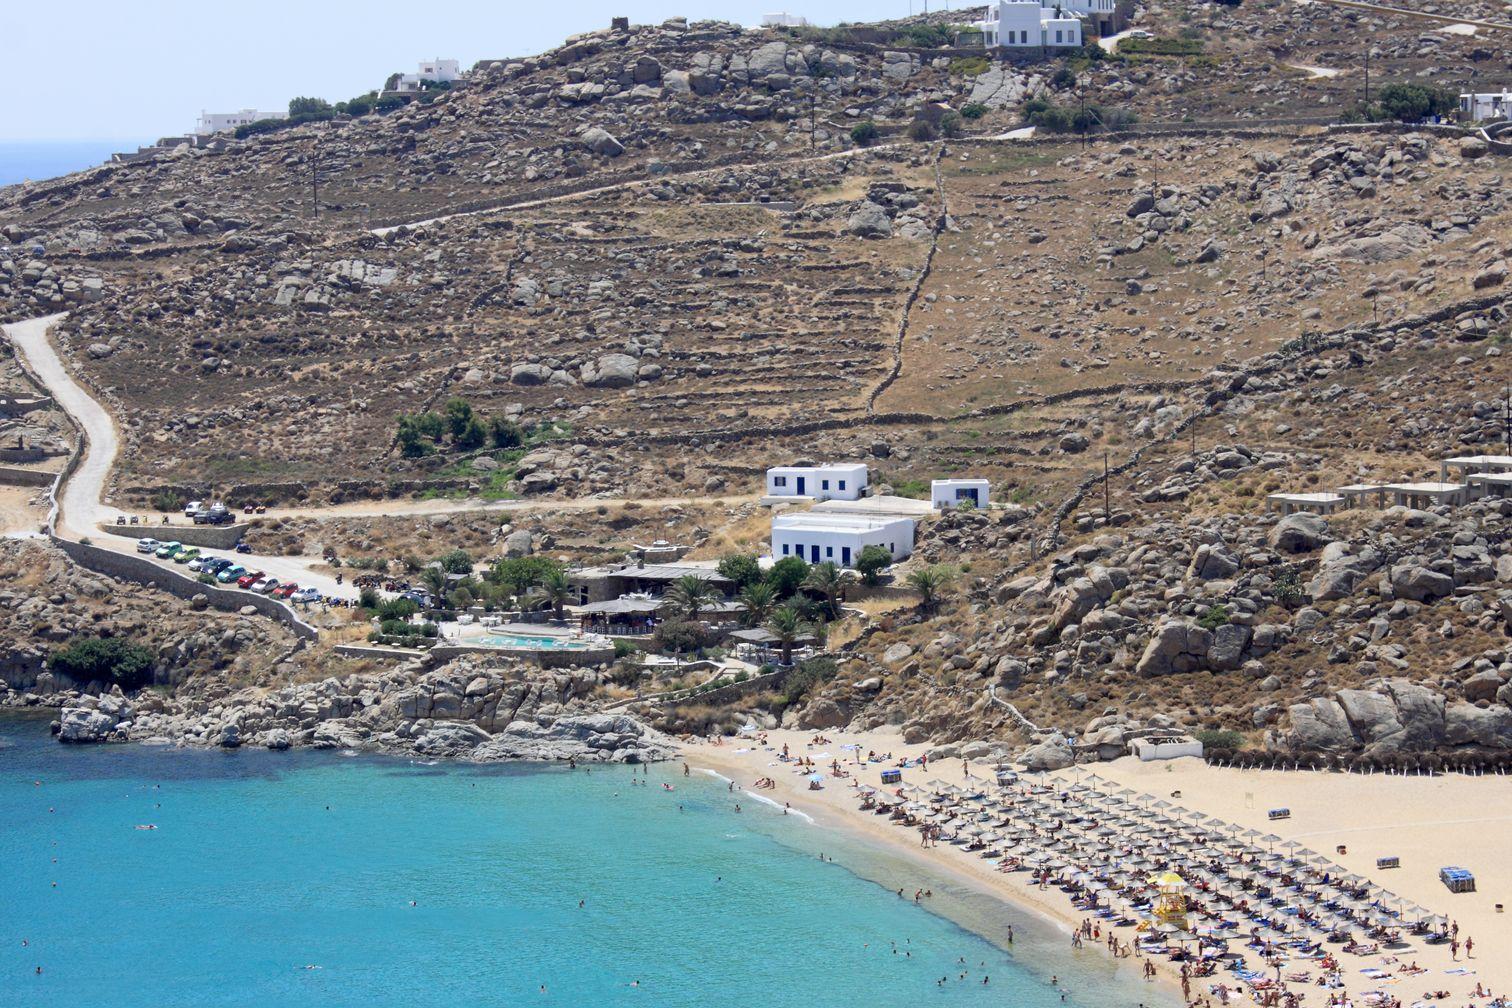 H Super Paradise, μία απ' τις τοπ παραλίες της Μυκόνου